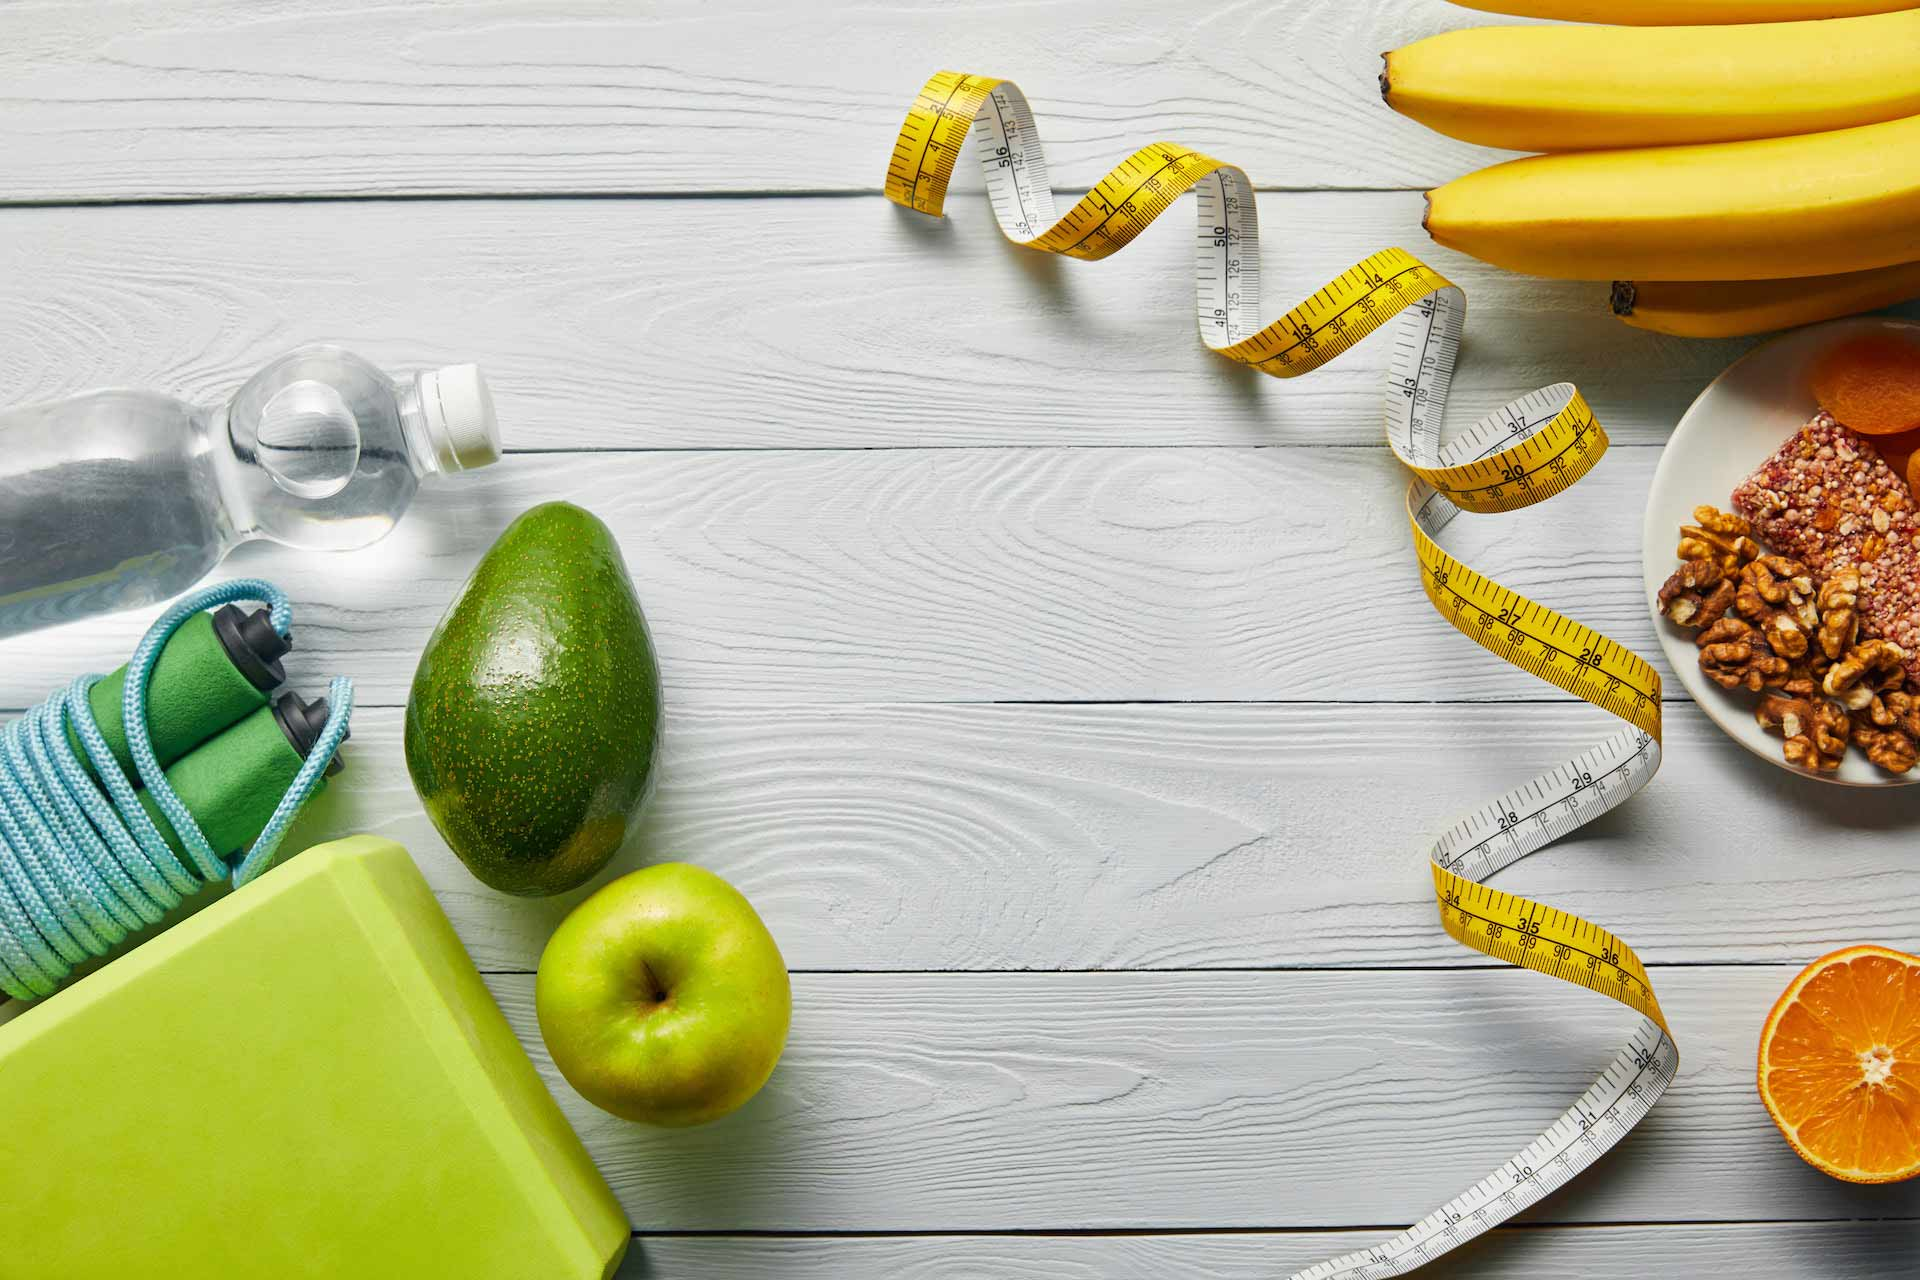 Voda , voće, orašasti plodovi i metar za mjerenje opsega tijela na drvenoj podlozi